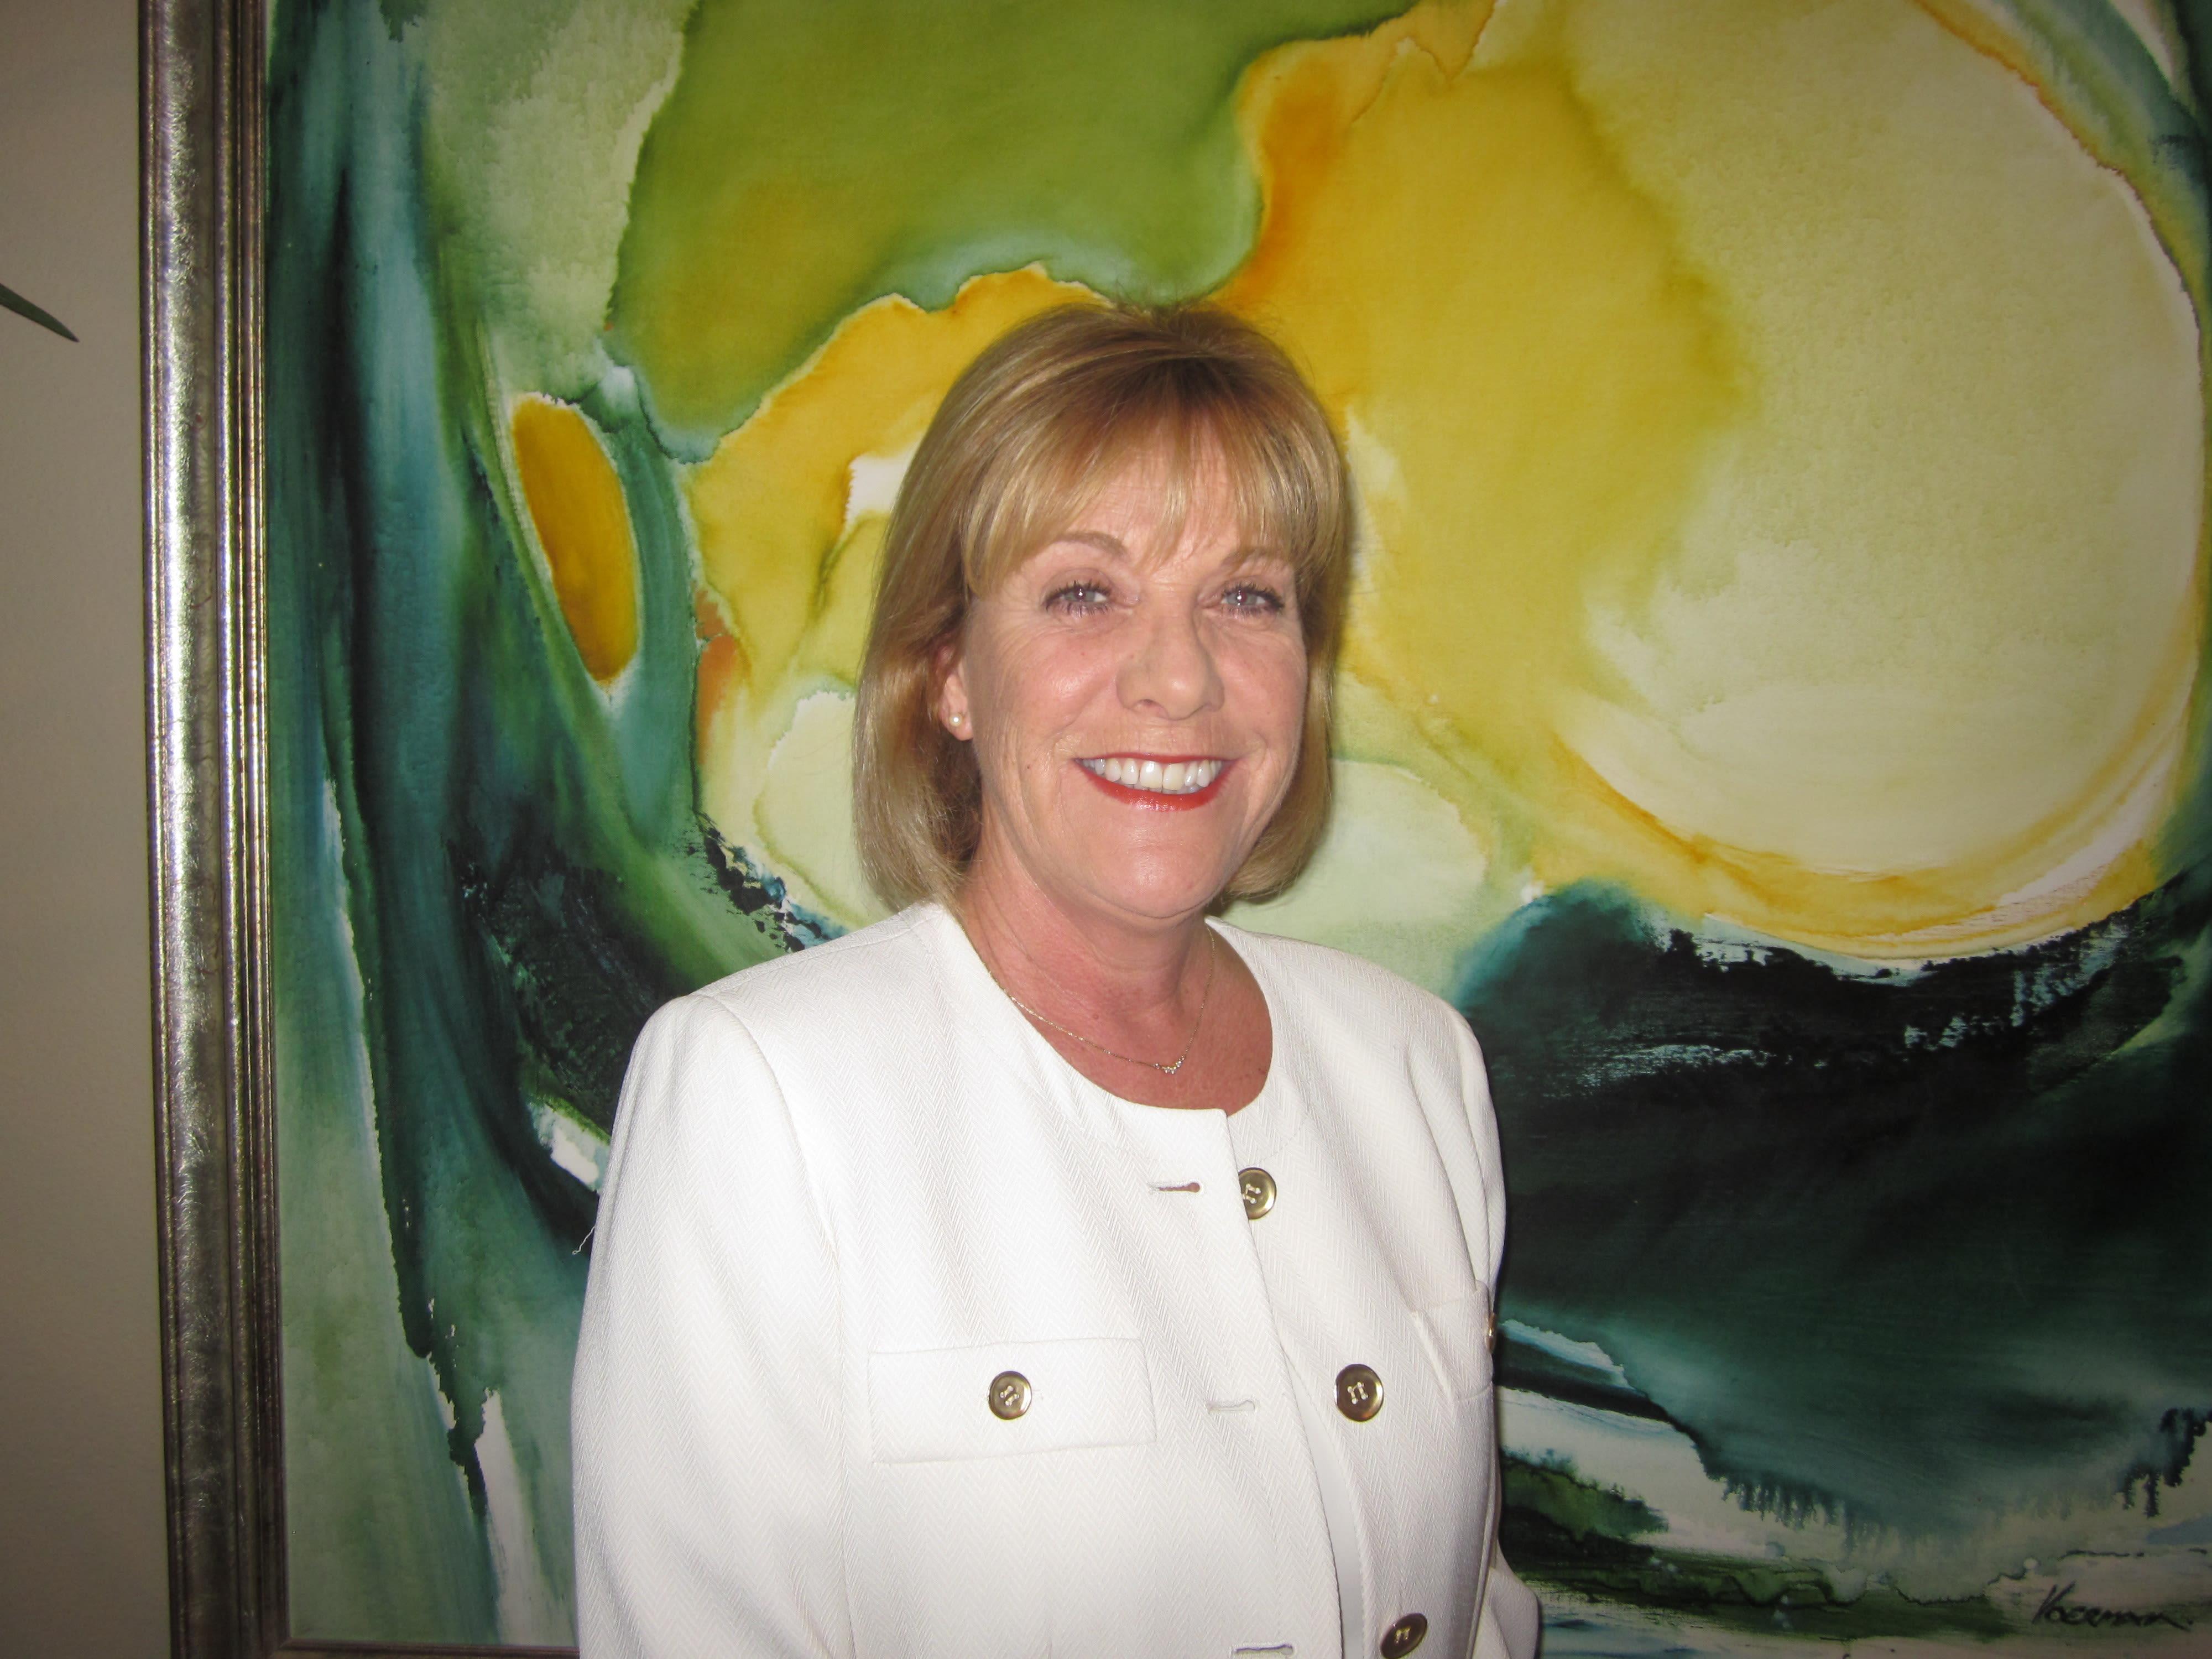 Executive Director at Avenida Palm Desert